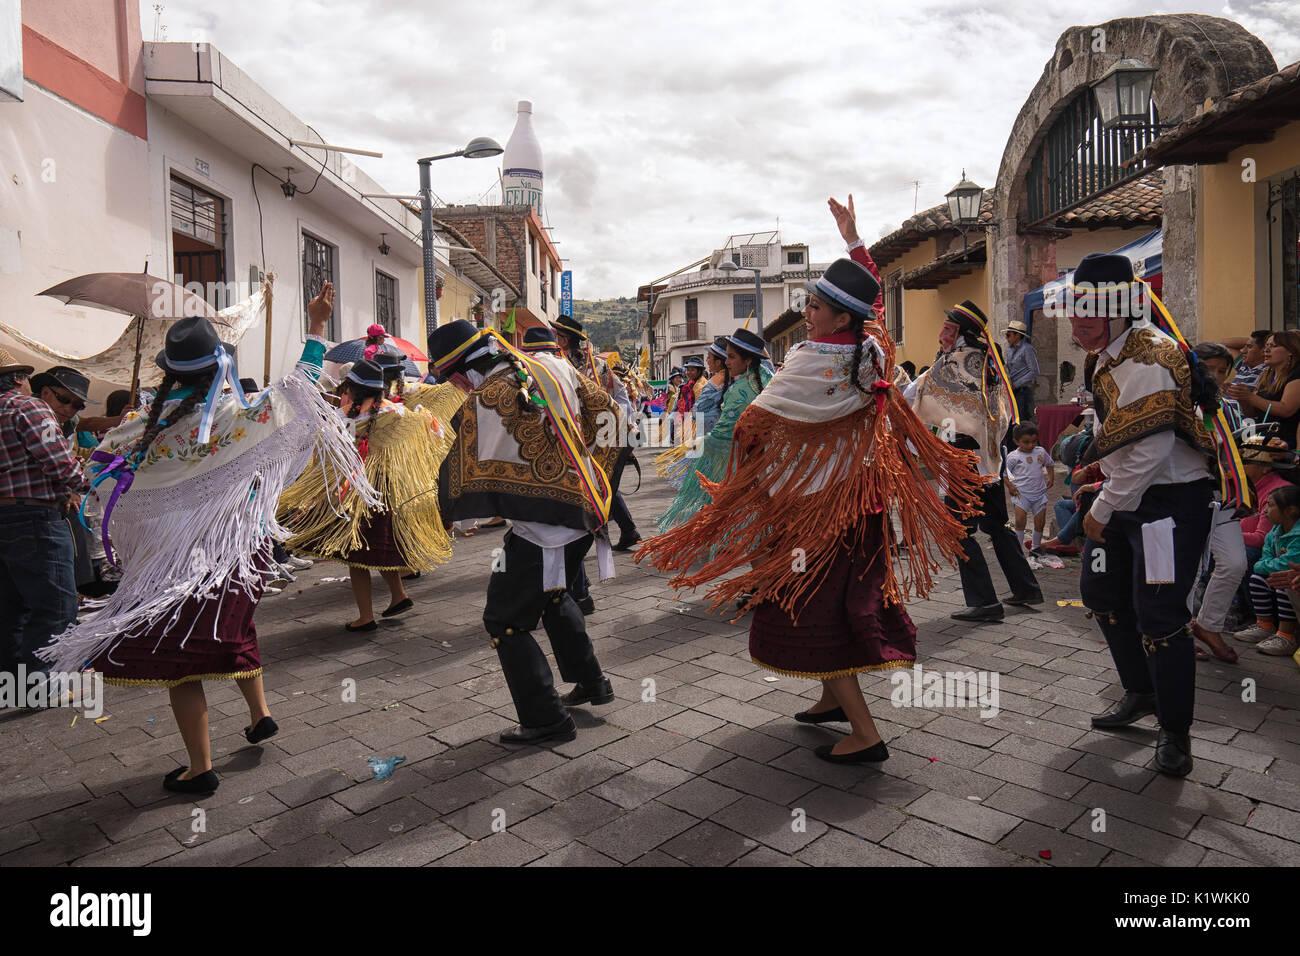 17 juin 2017, l'Équateur Pujili: des danseurs traditionnels à la parade de Corpus Christi Photo Stock